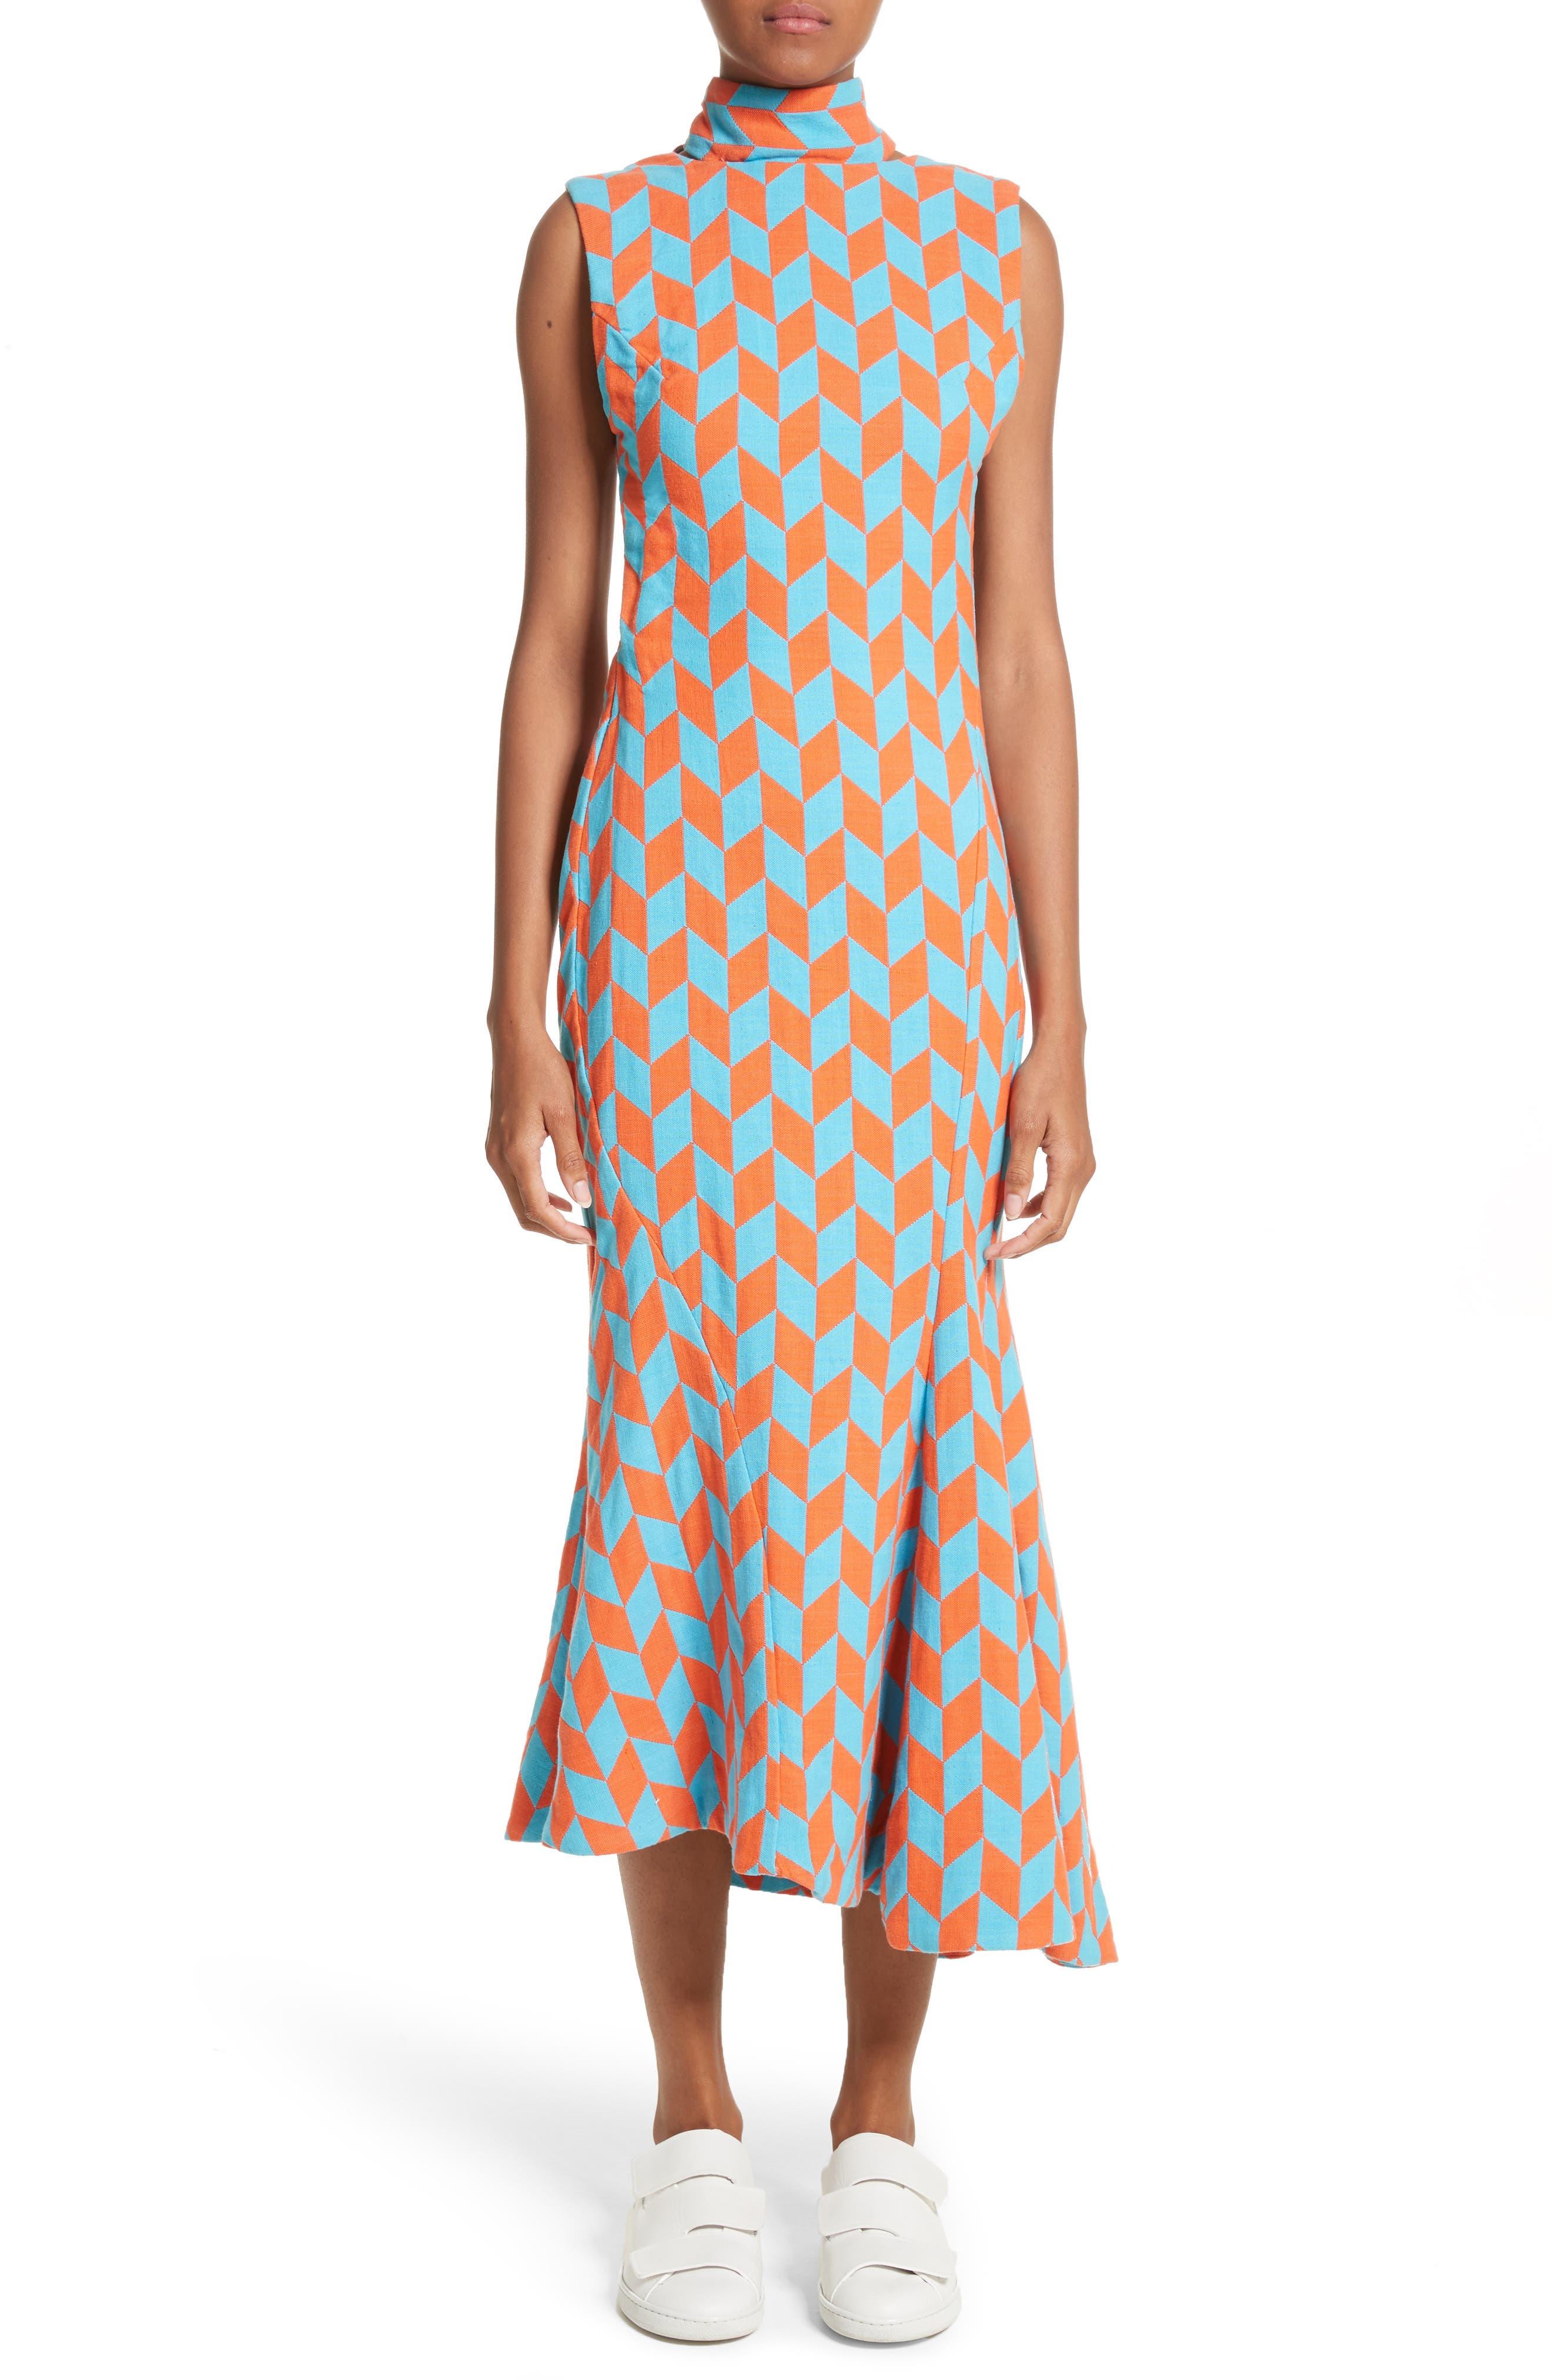 Main Image - Richard Malone Backless Twist Seam Dress